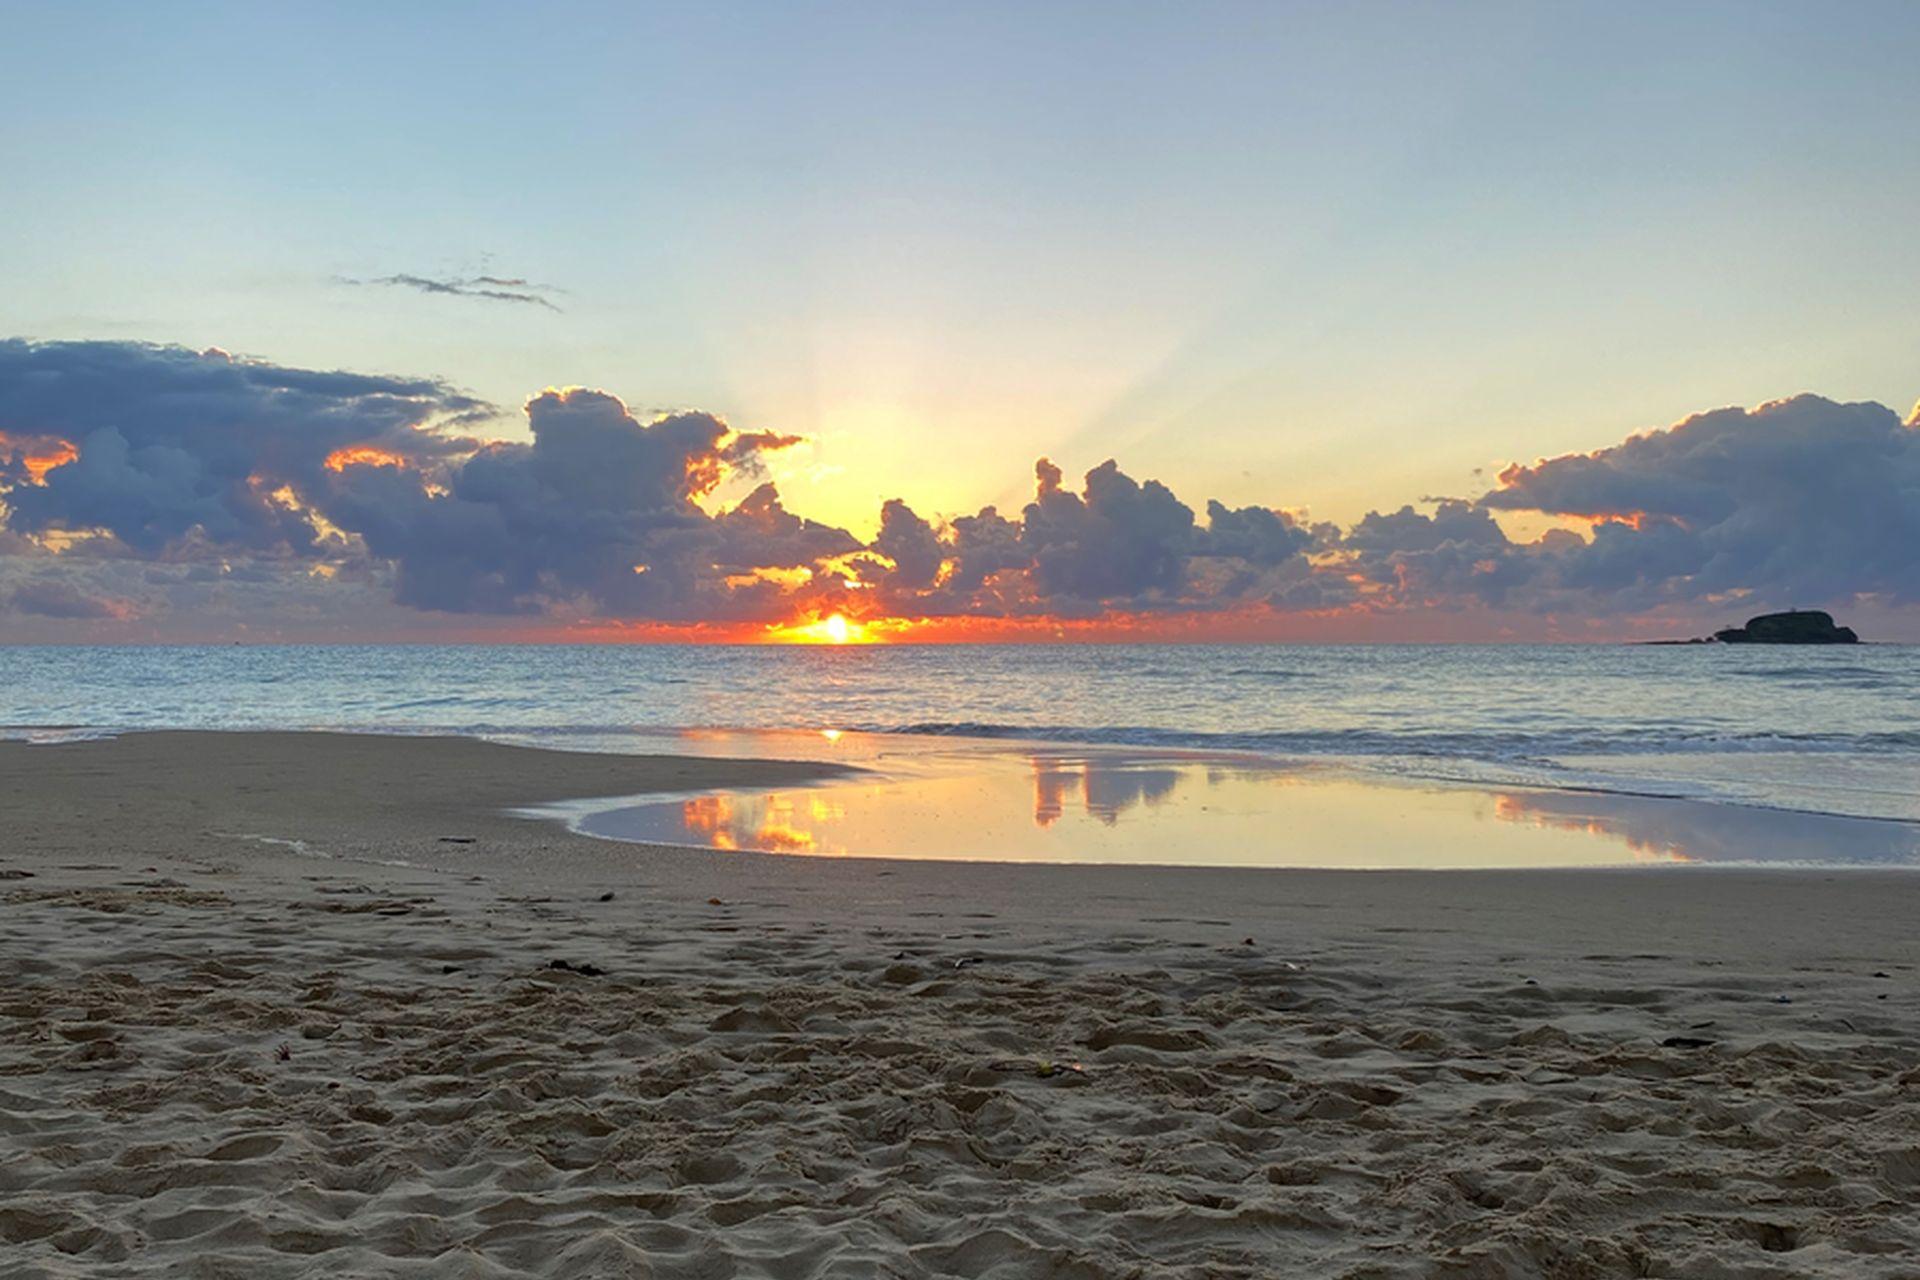 00. Mudjimba Beach